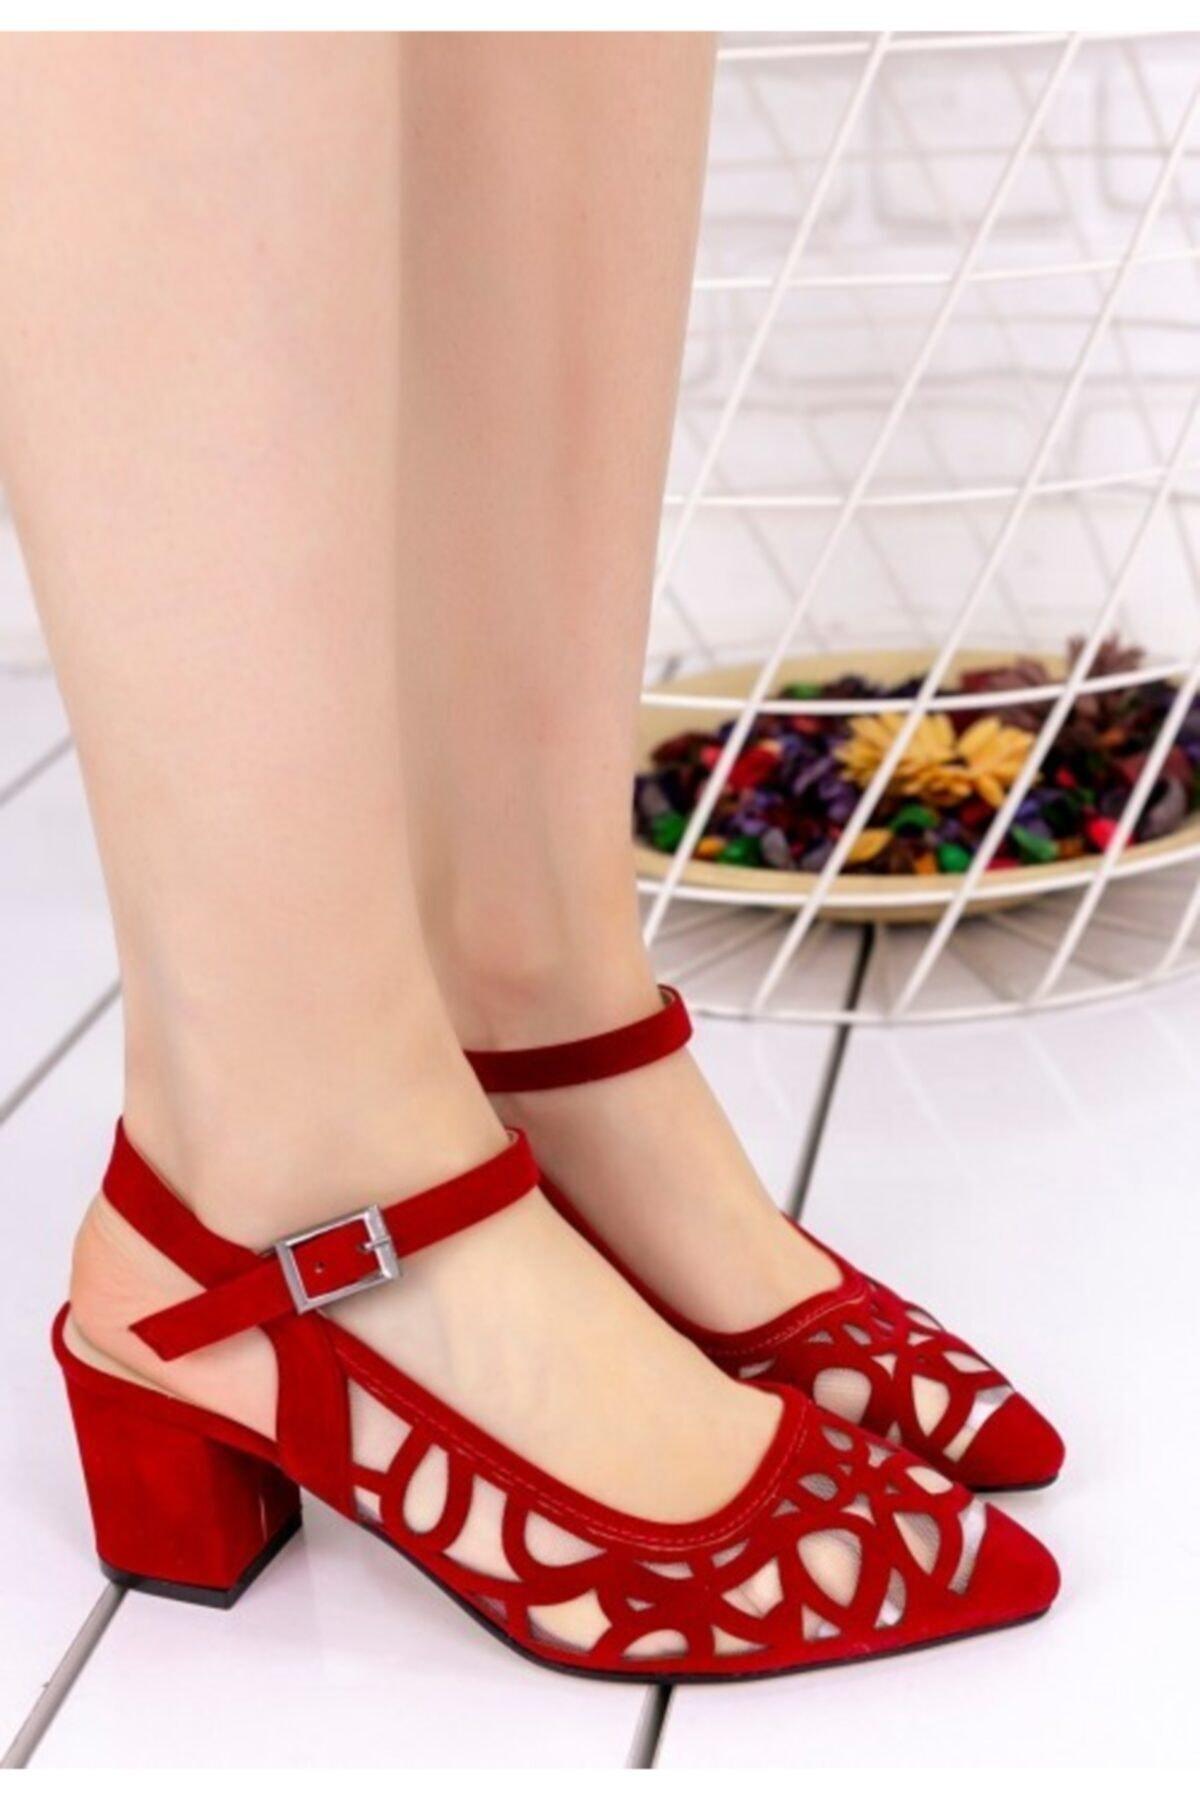 Vetti Vens Kadın Kırmızı Süet Topuklu Ayakkabı 2